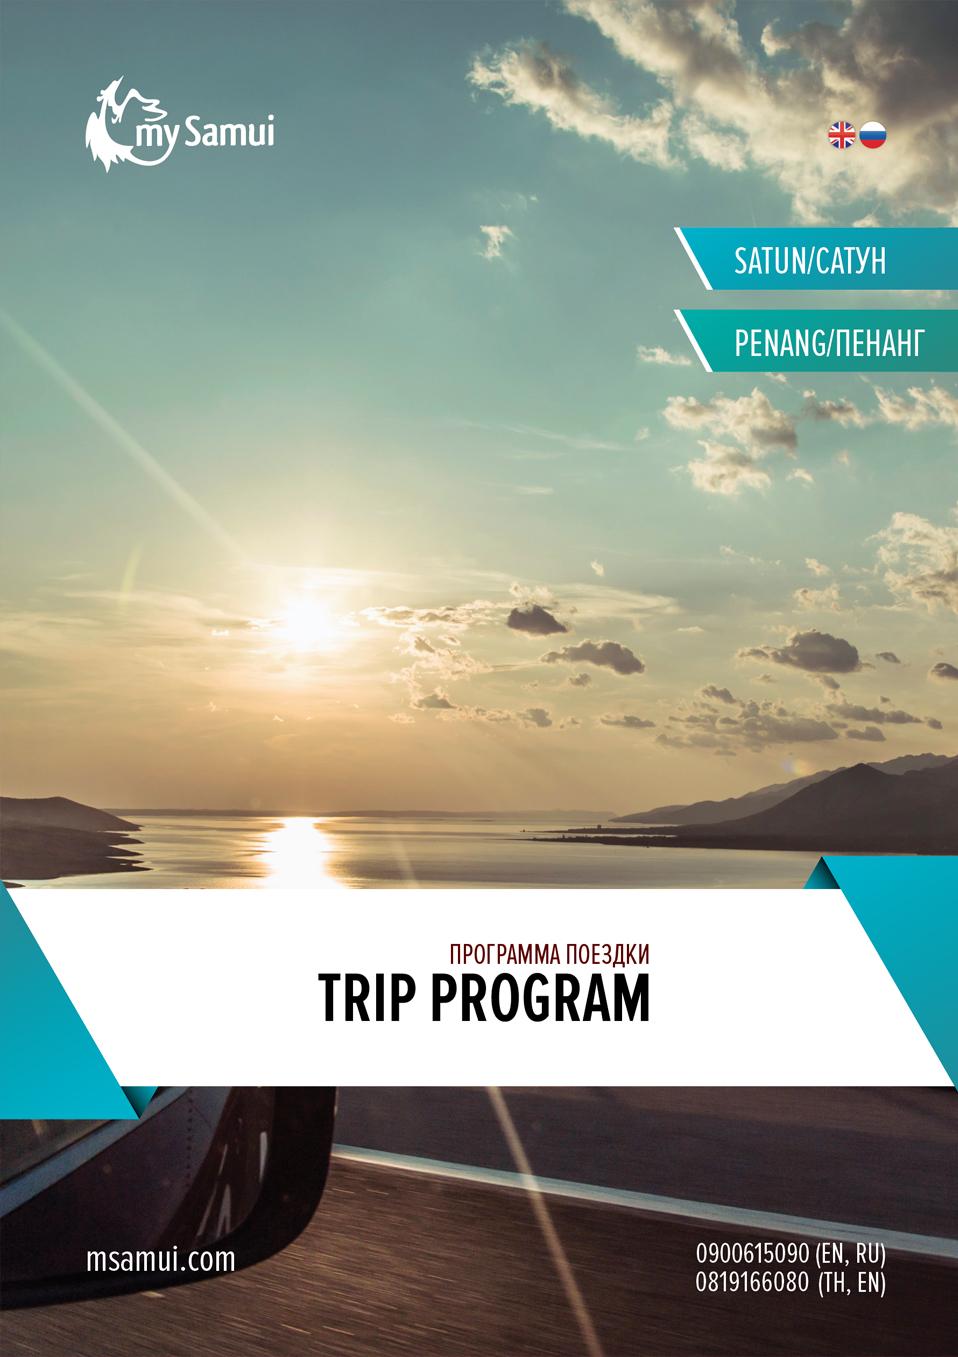 My Samui brochure design